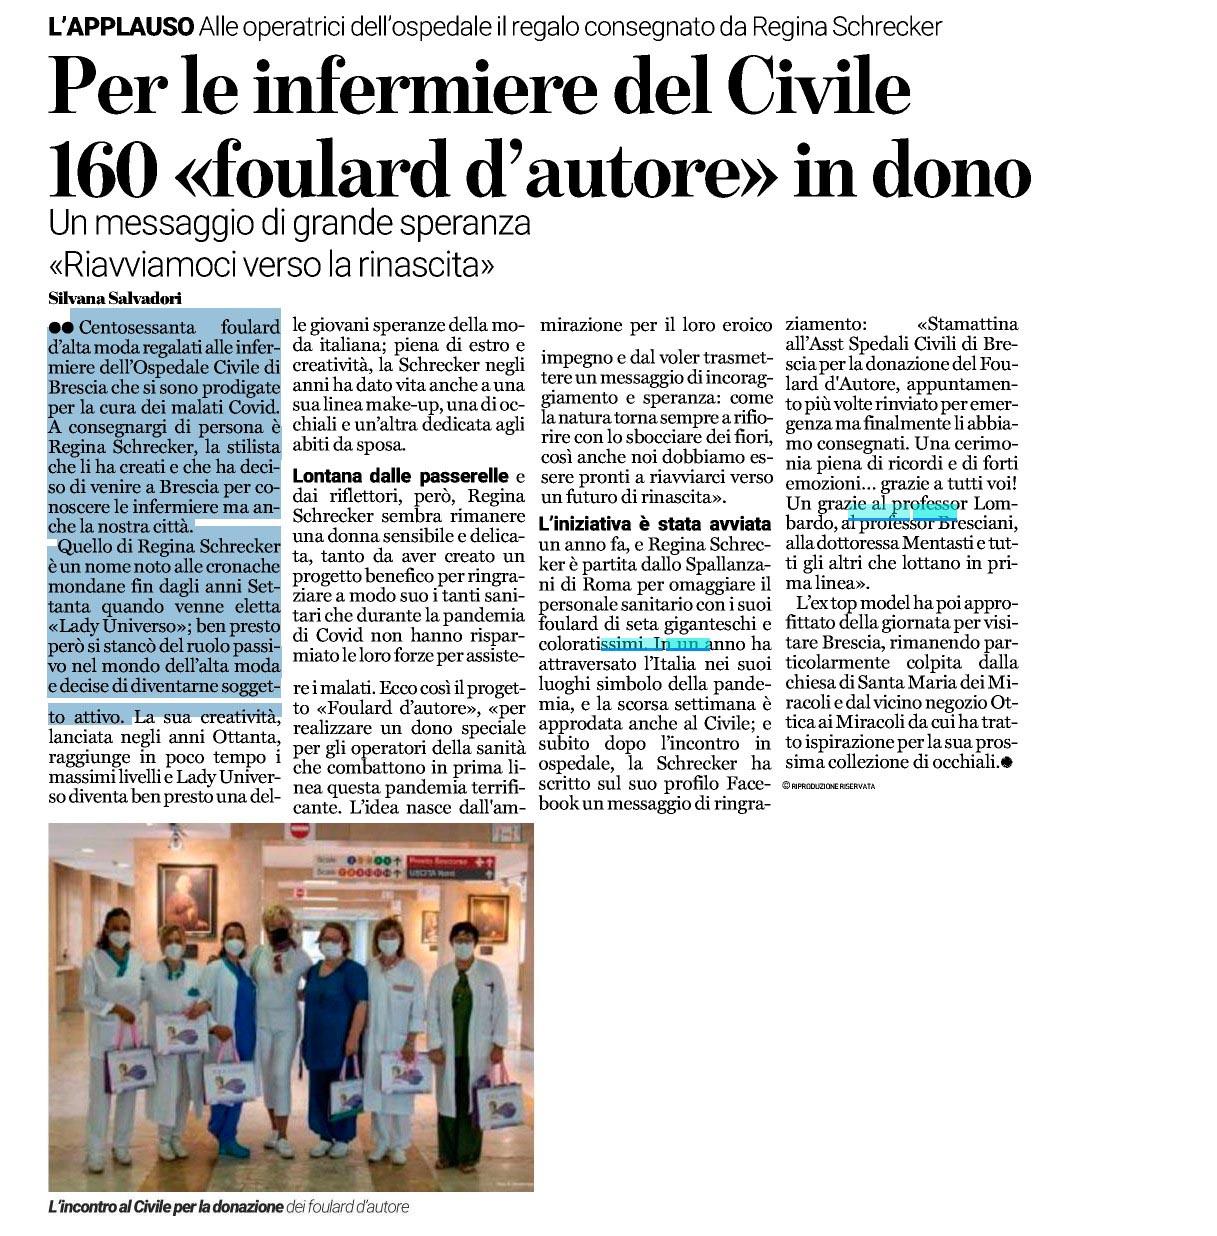 BresciaOggi - Per le infermiere del Civile 160 foulard in dono